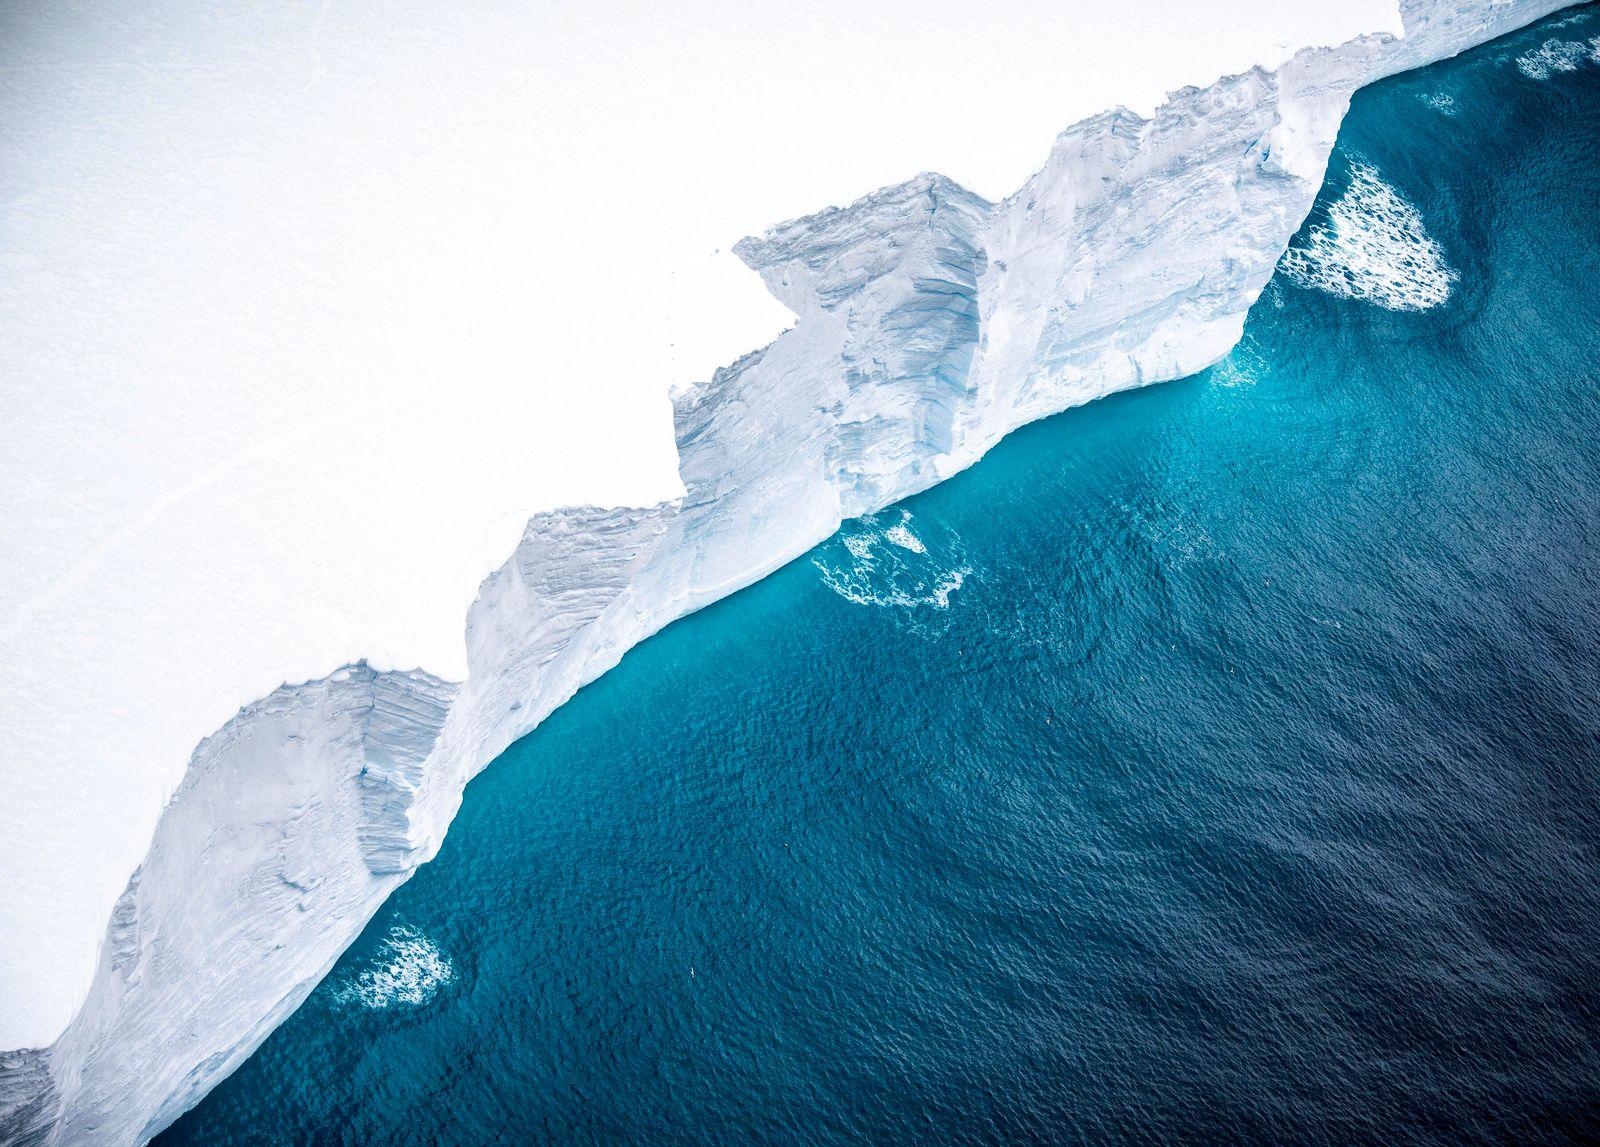 Eisberg auf Kollisionskurs mit Insel verliert großen Eisbrocken